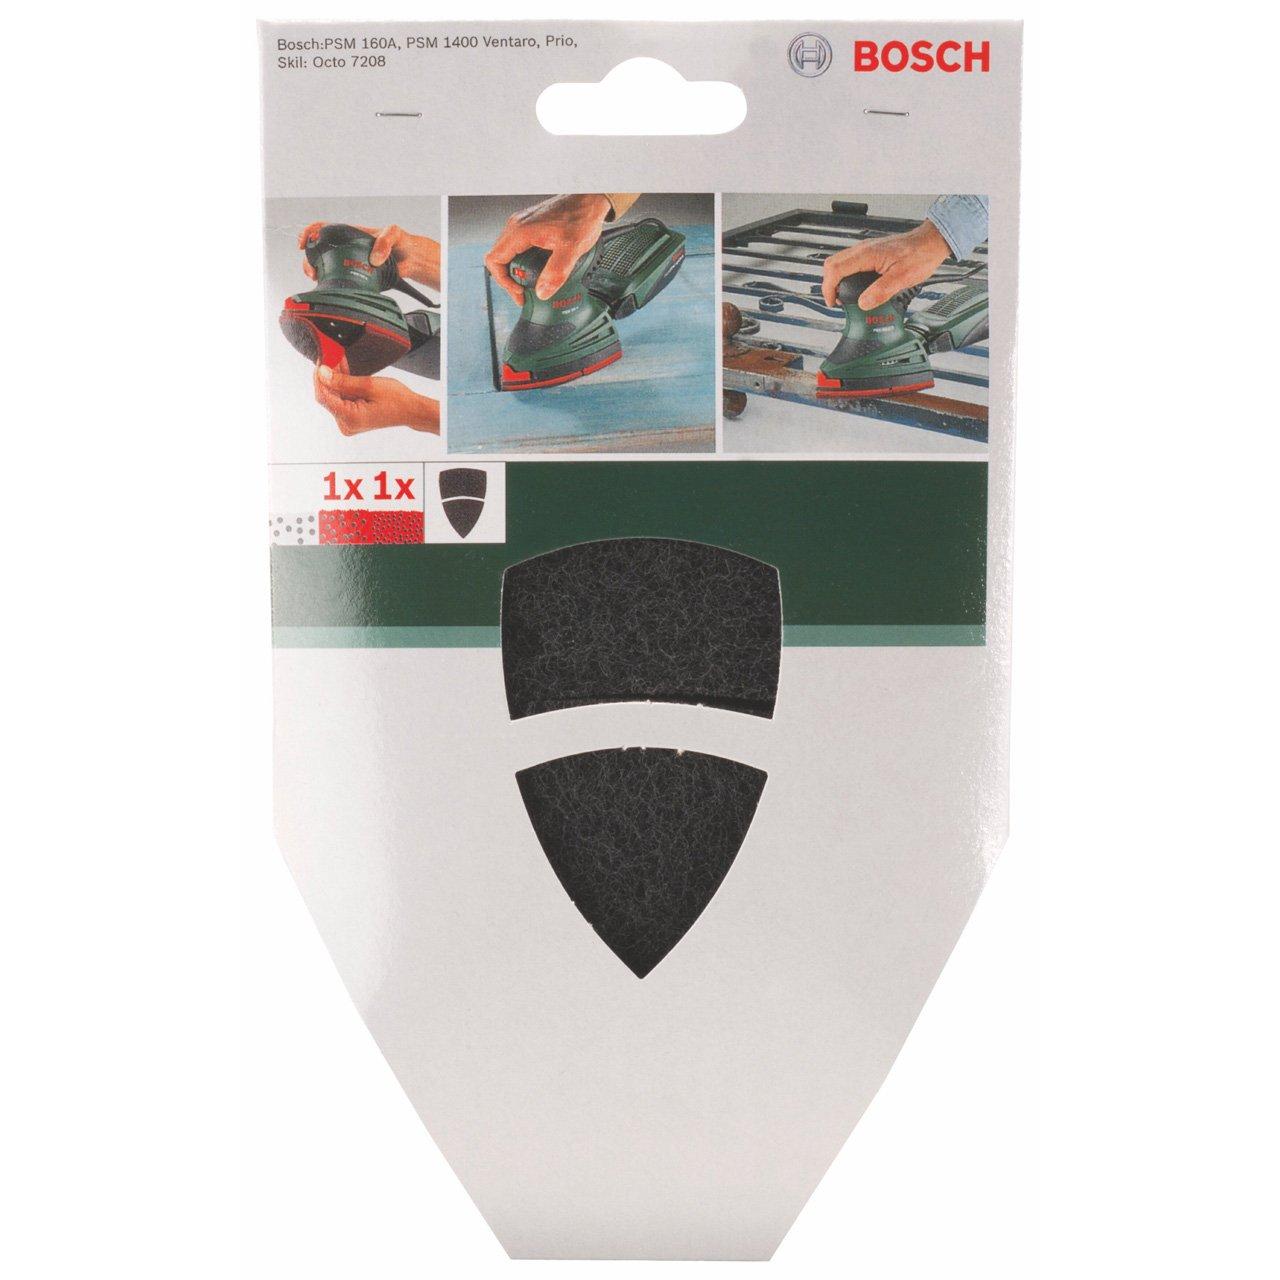 Bosch 2 609 256 088 Disco pulidor de limpieza y hoja adicional para multilijadoras pack de 2